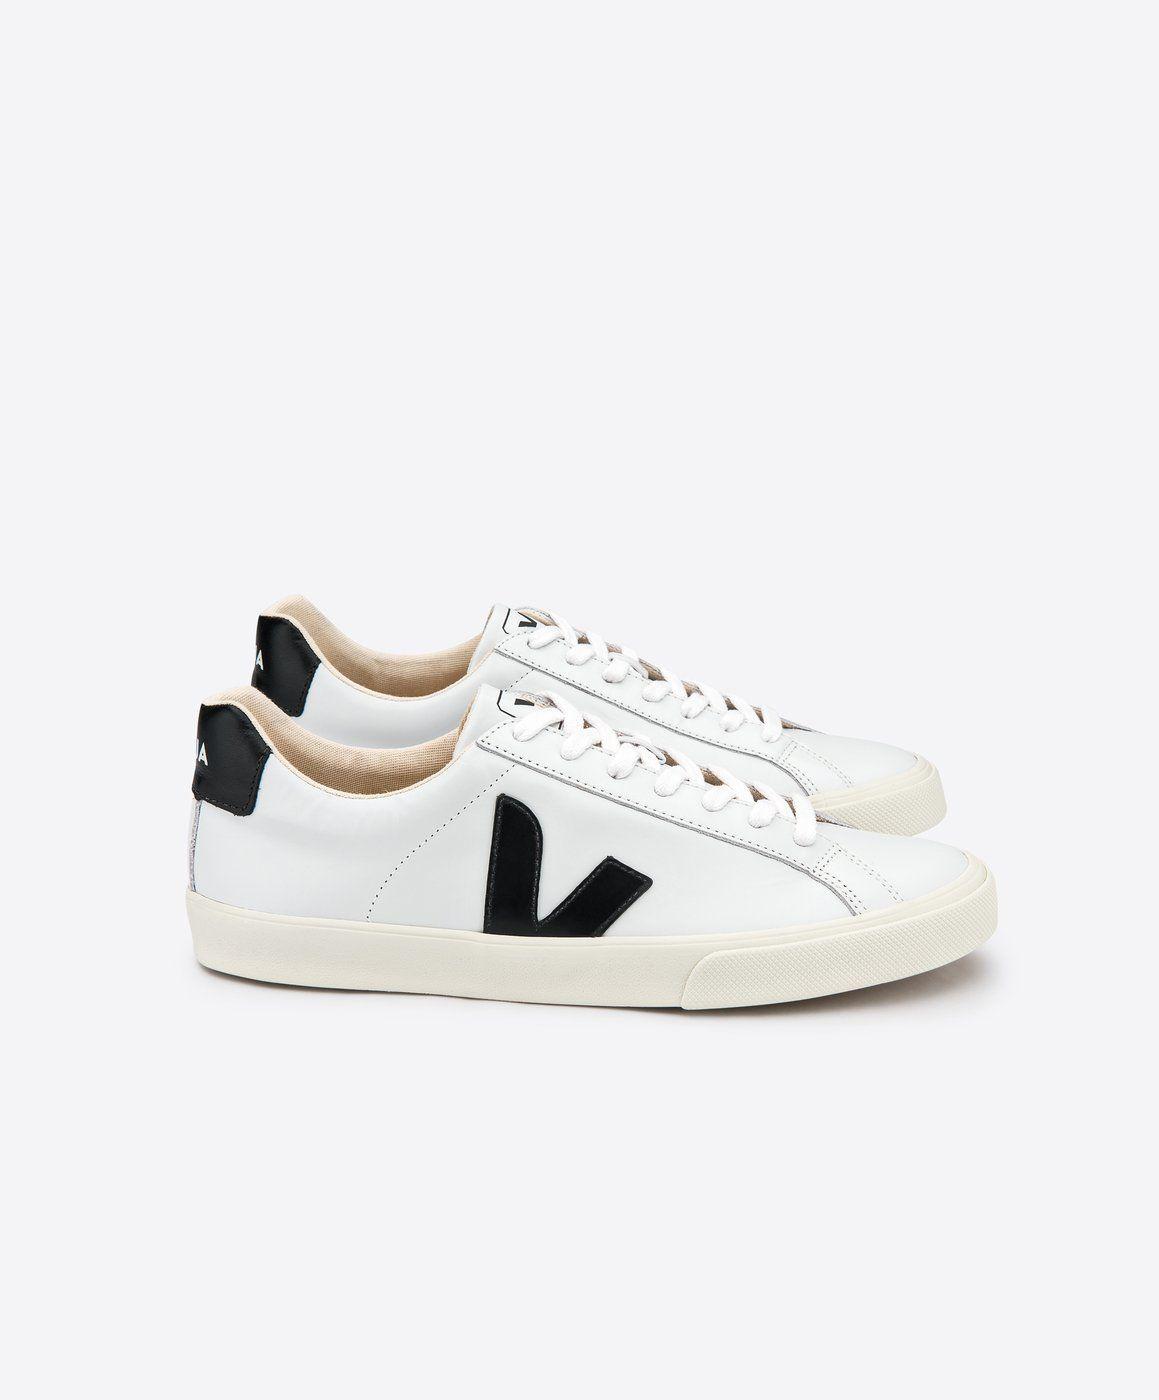 size 40 822de 310b7 Veja Esplar Leather Shoe   Men s Shoes   Outerknown